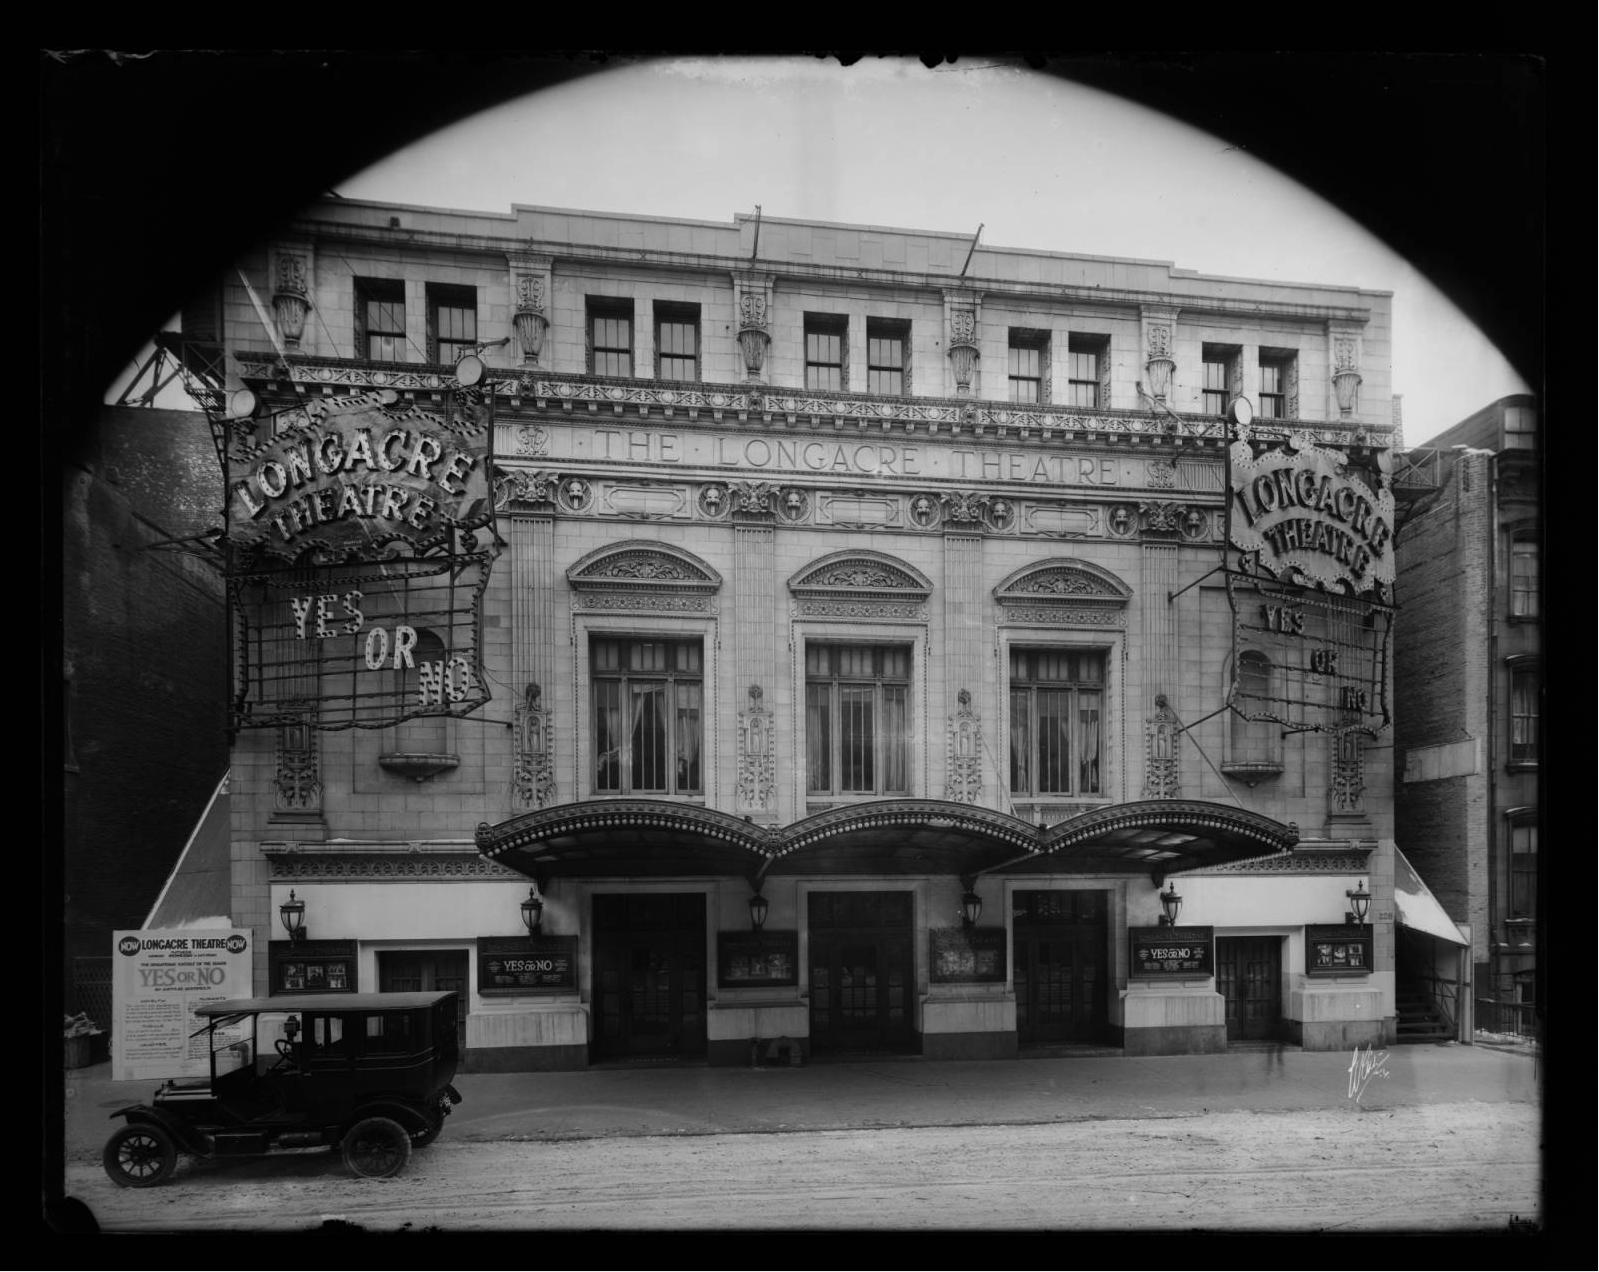 Longacre Theatre 1918 Vintage Theatre Nyc New York City